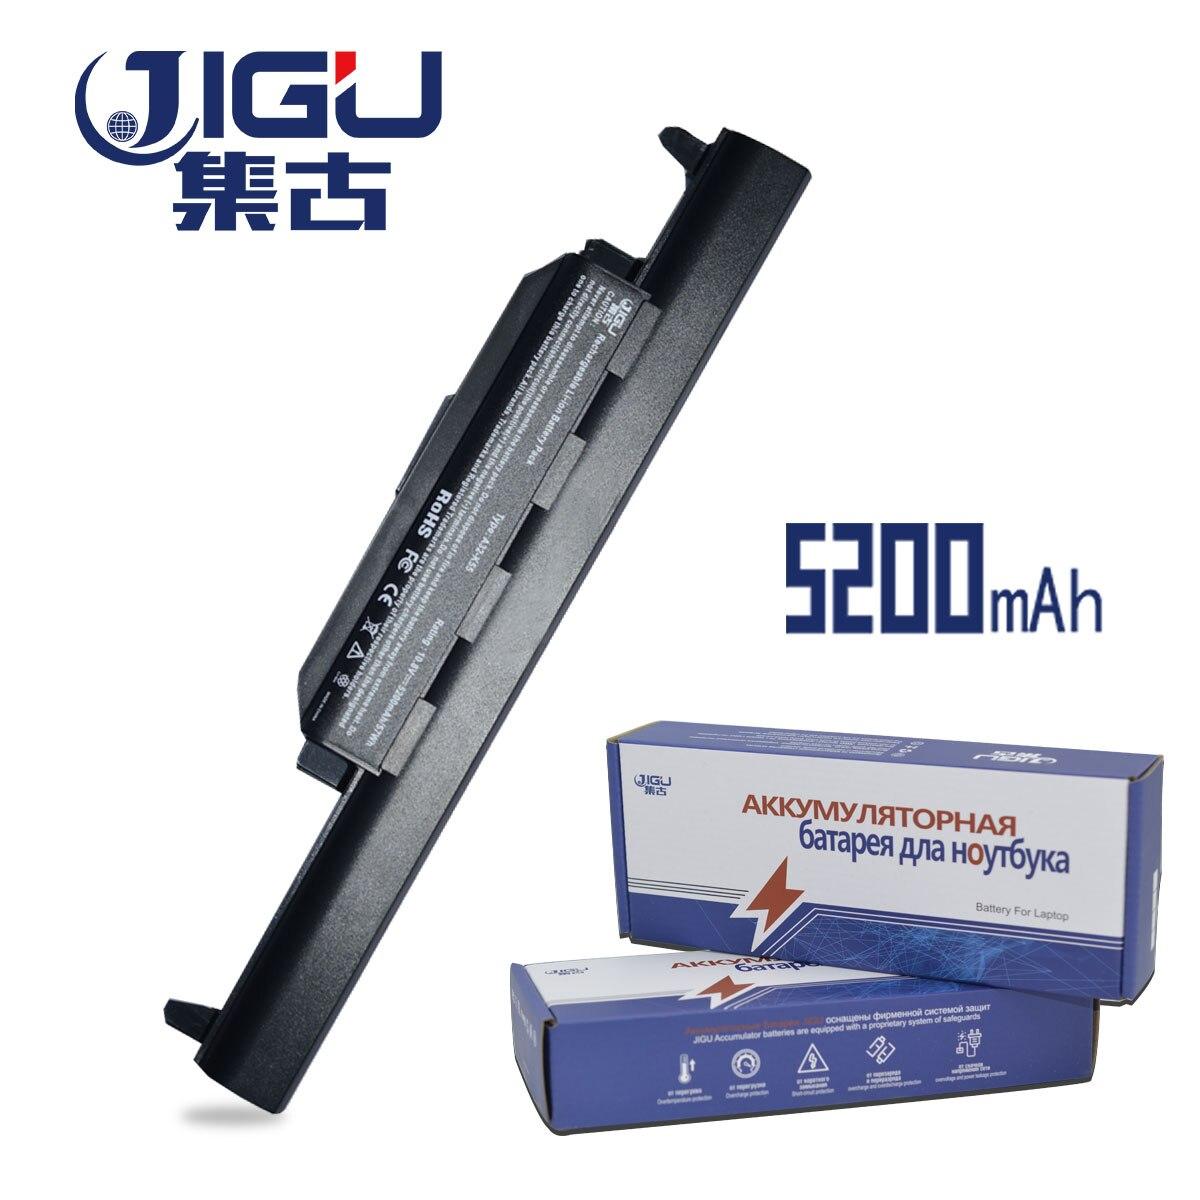 JIGU Neue 6 Zellen Laptop Akku Für Asus A45 A55 A75 K45 K55 K75 R400 R500 R700 U57 X45 X55 x75 Serie, a32-K55 A41-K55